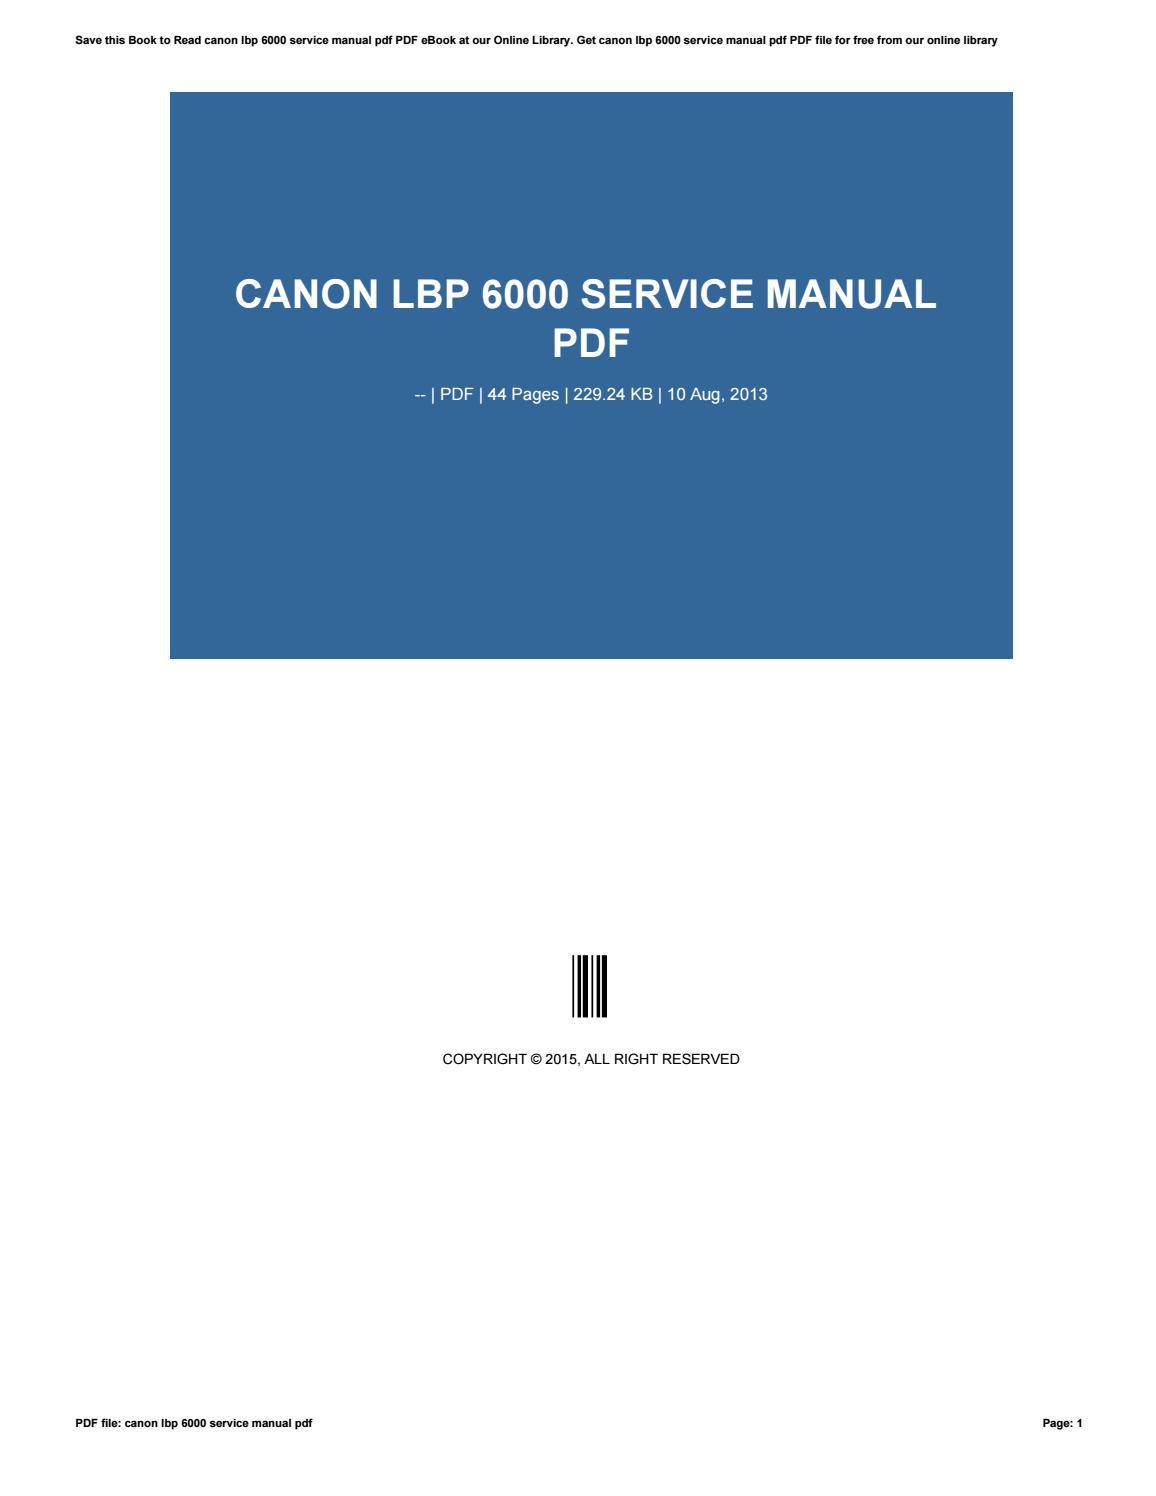 Canon Lbp 6000 Driver Download Free : canon, driver, download, Canon, Service, Manual, Cooperdonald421, Issuu